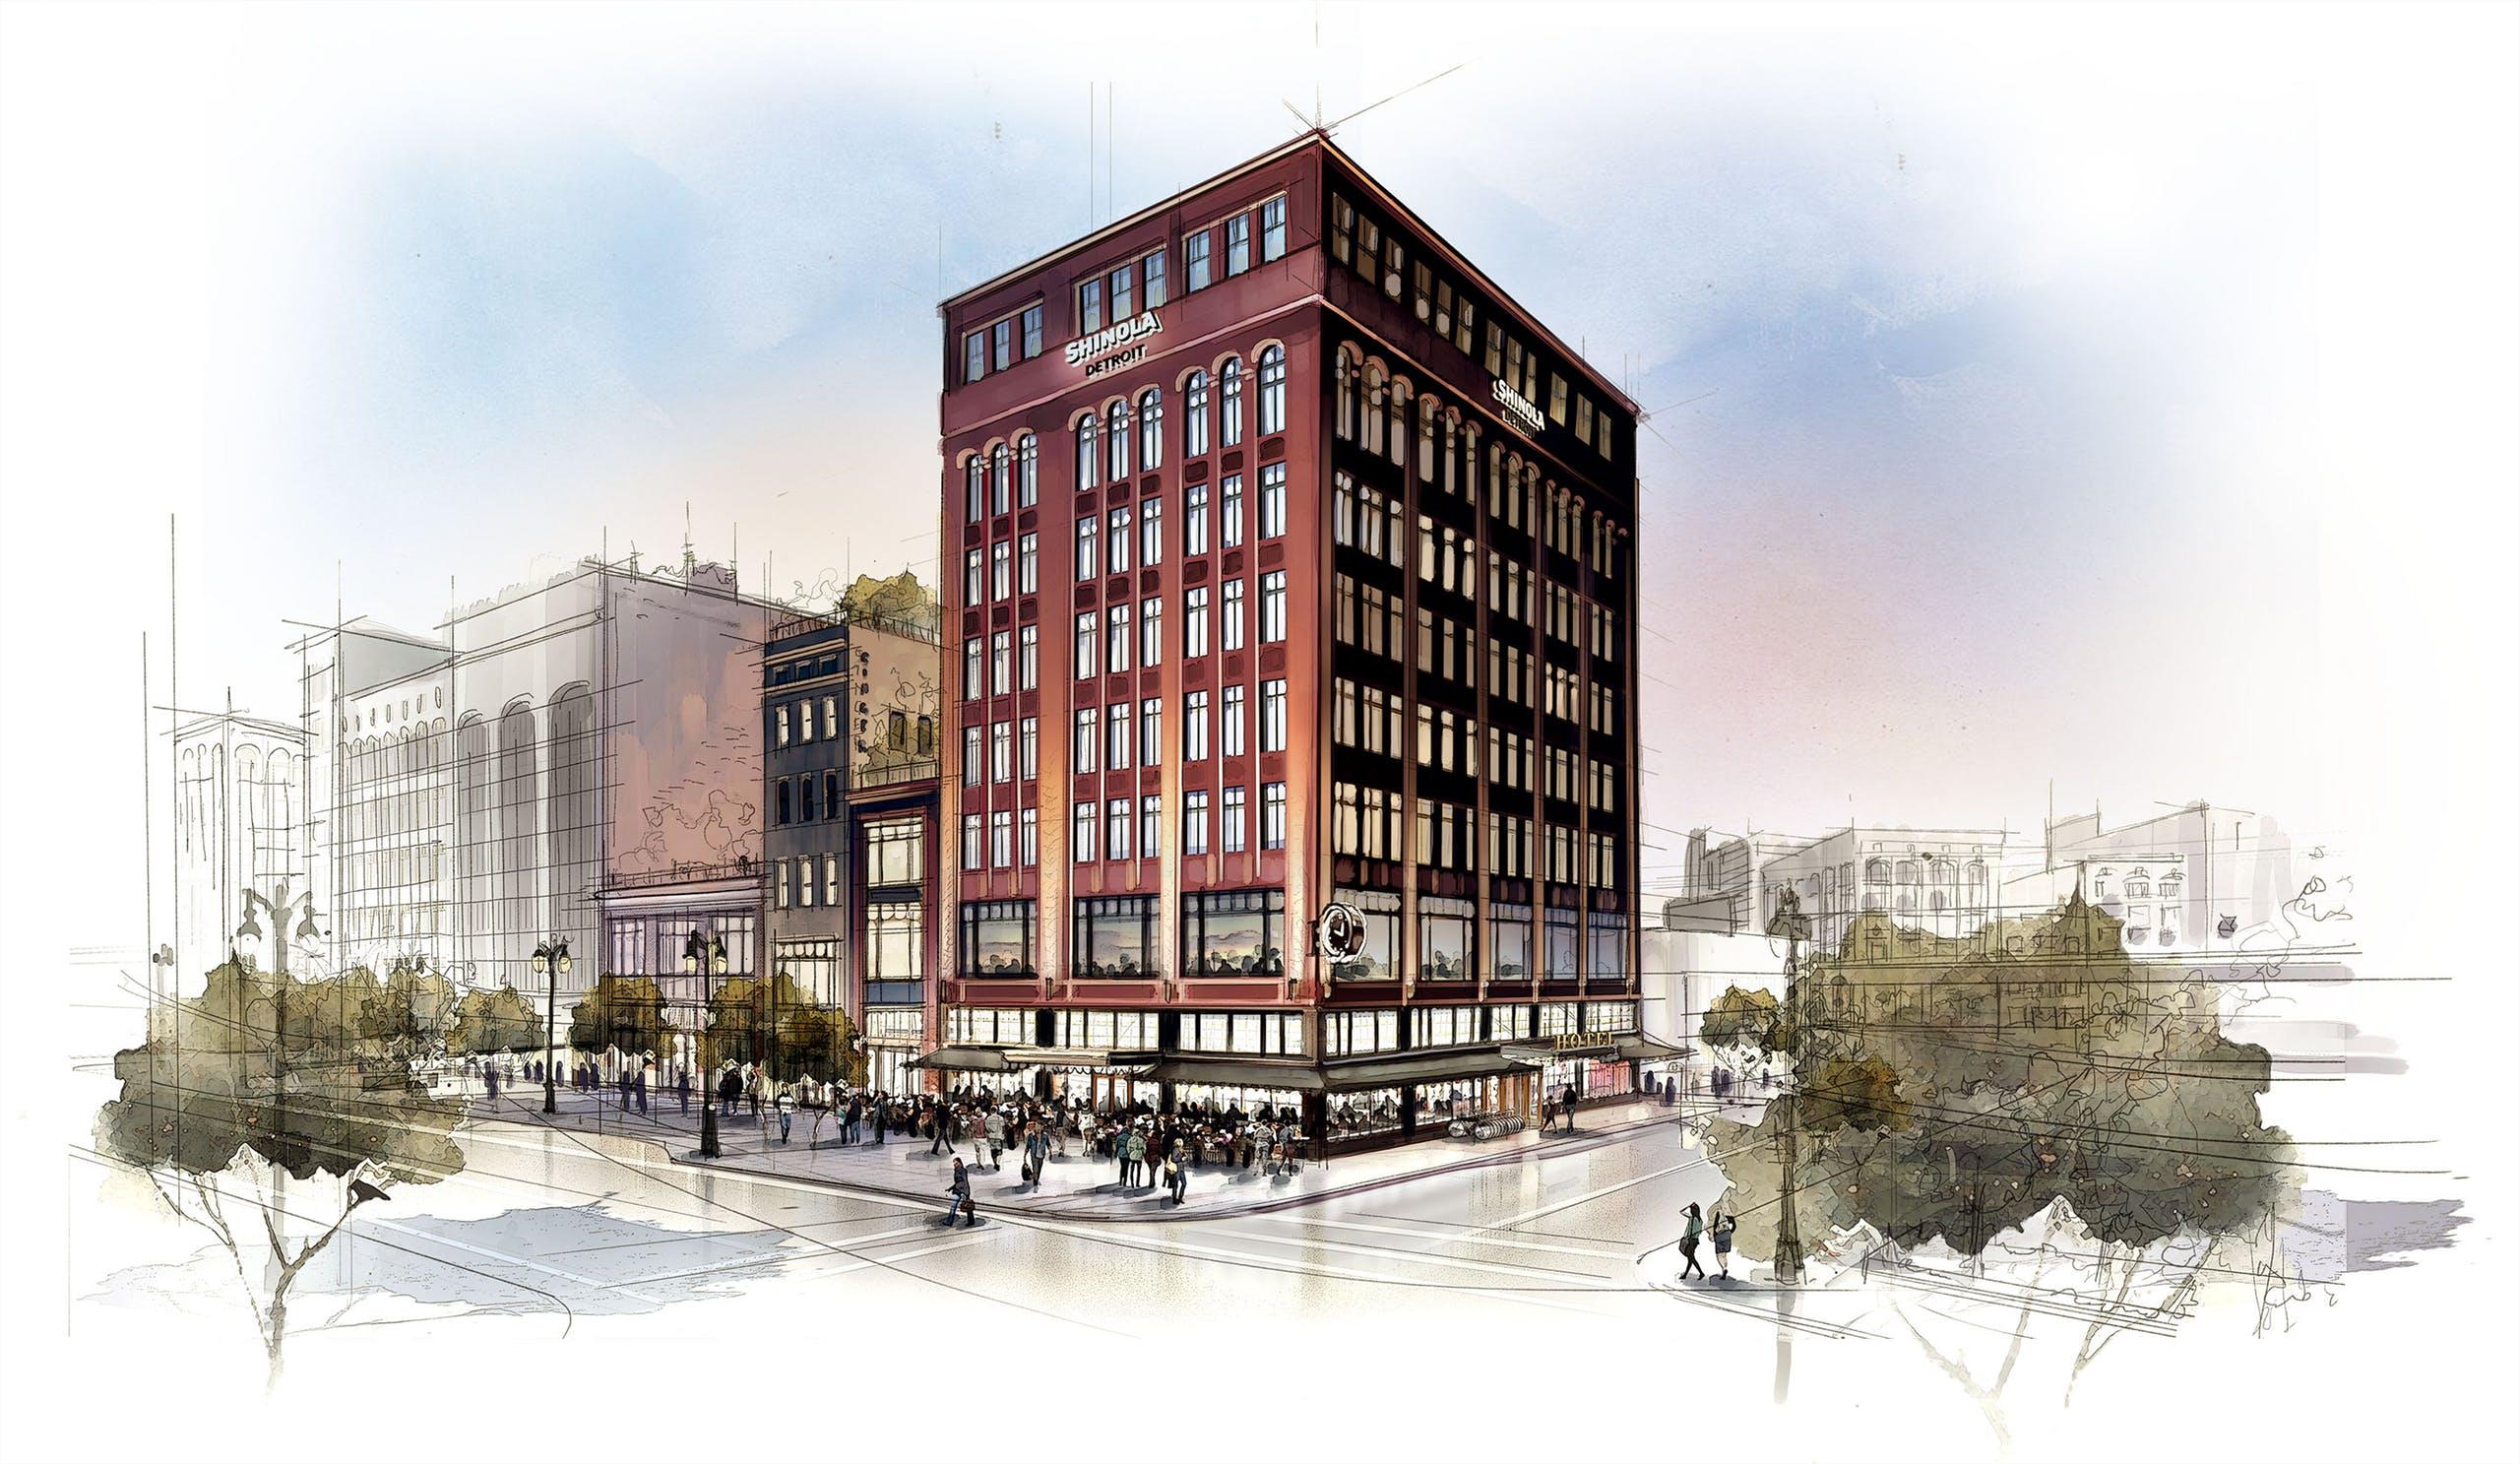 Le futur hôtel Shinola à Détroit, qui devrait ouvrir ses portes à l'automne 2018.